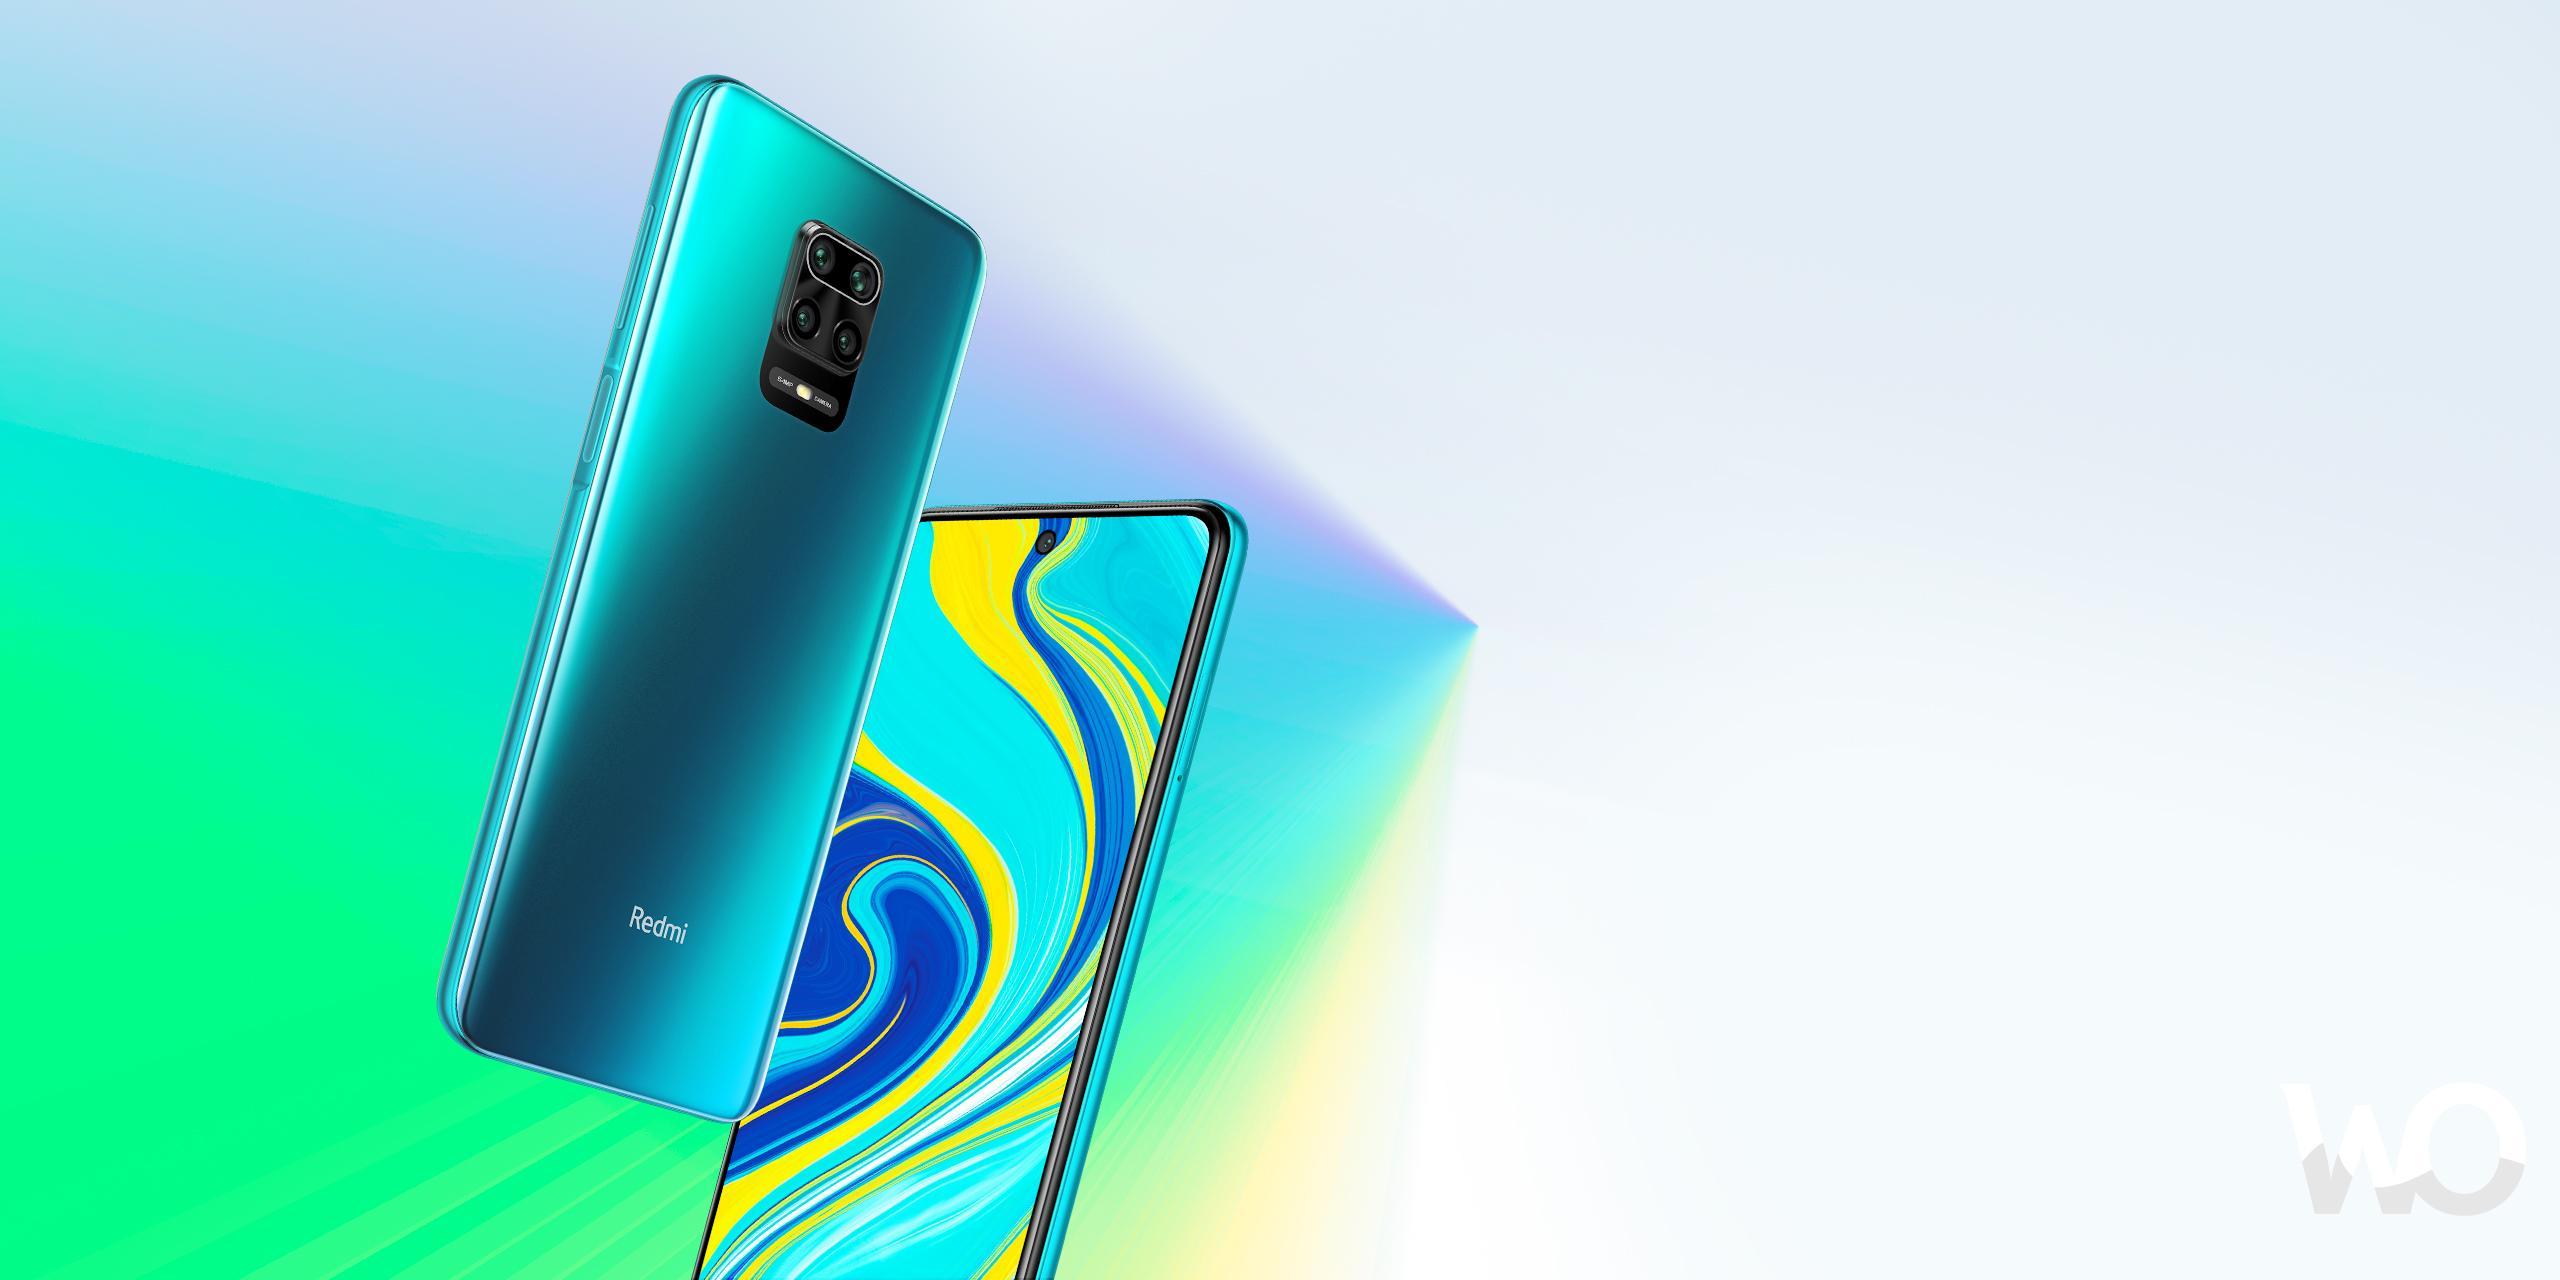 Xiaomi'nin Yeni Telefonu Redmi Note 9S'in Özellikleri Ortaya Çıktı